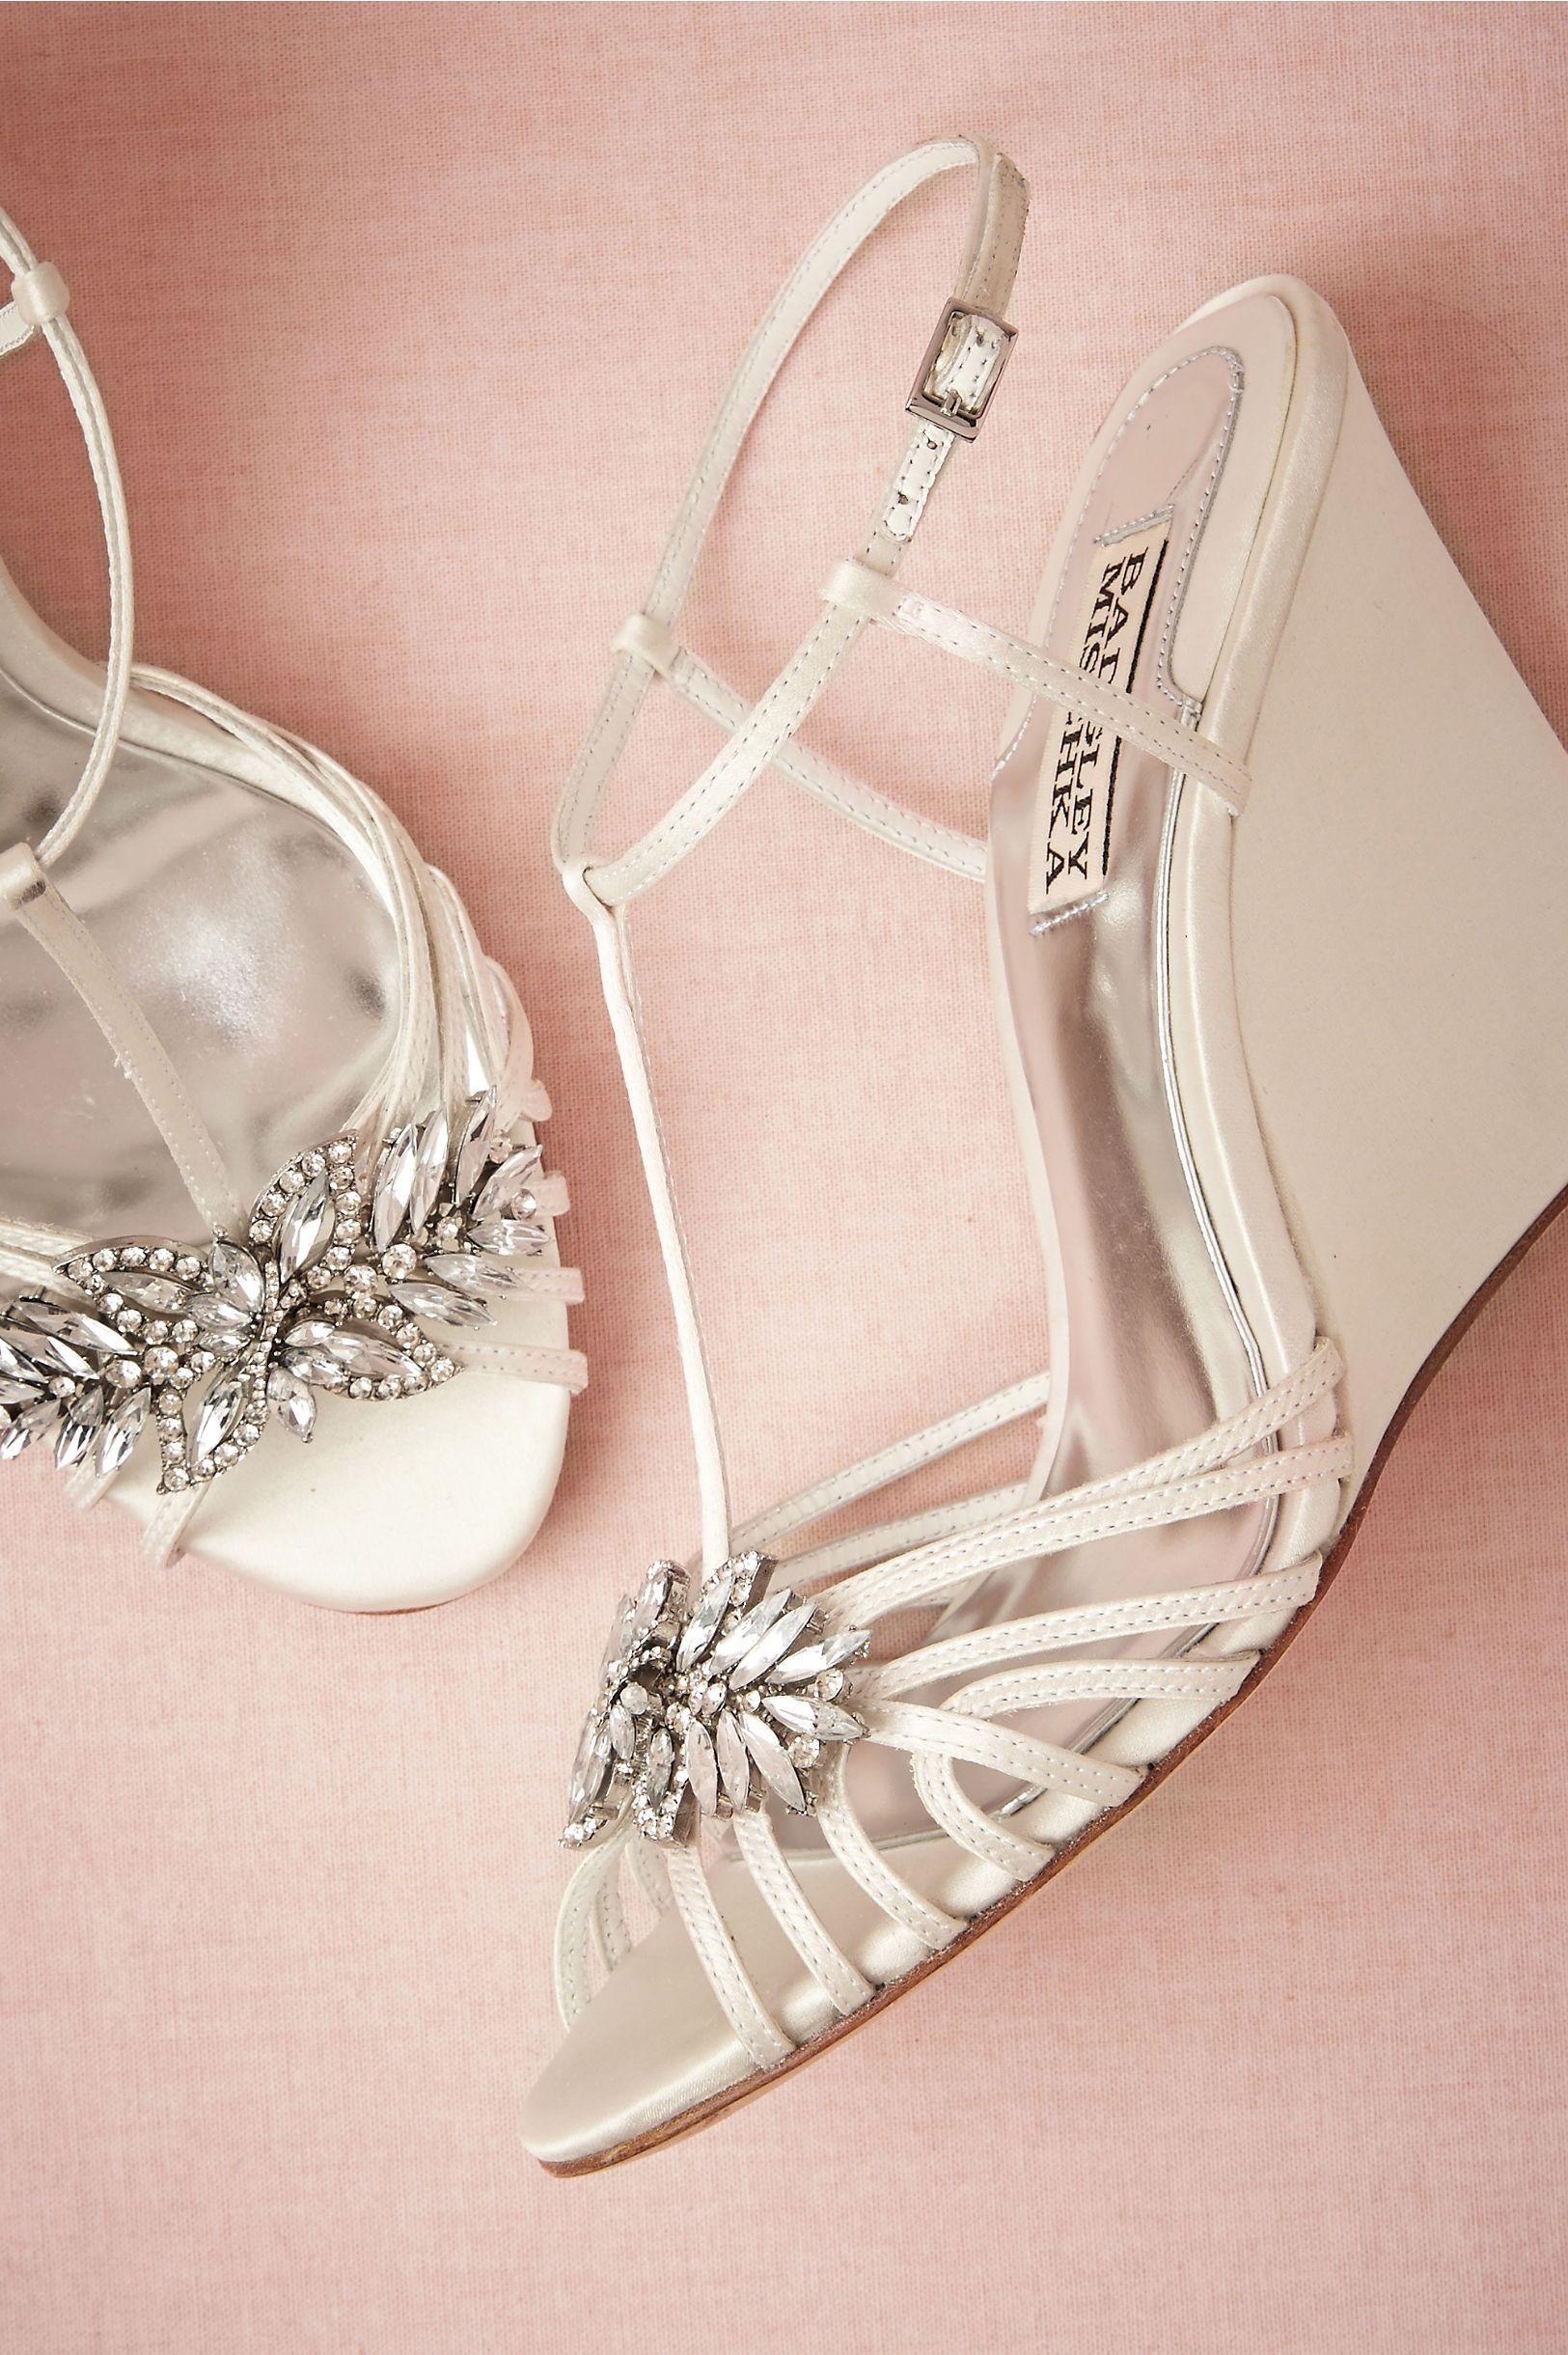 2015 ivoire chaussures de mariage compenses plateformes criss cross sucreries perles de cristal ivoire summer talons - Chaussure Mariage Compense